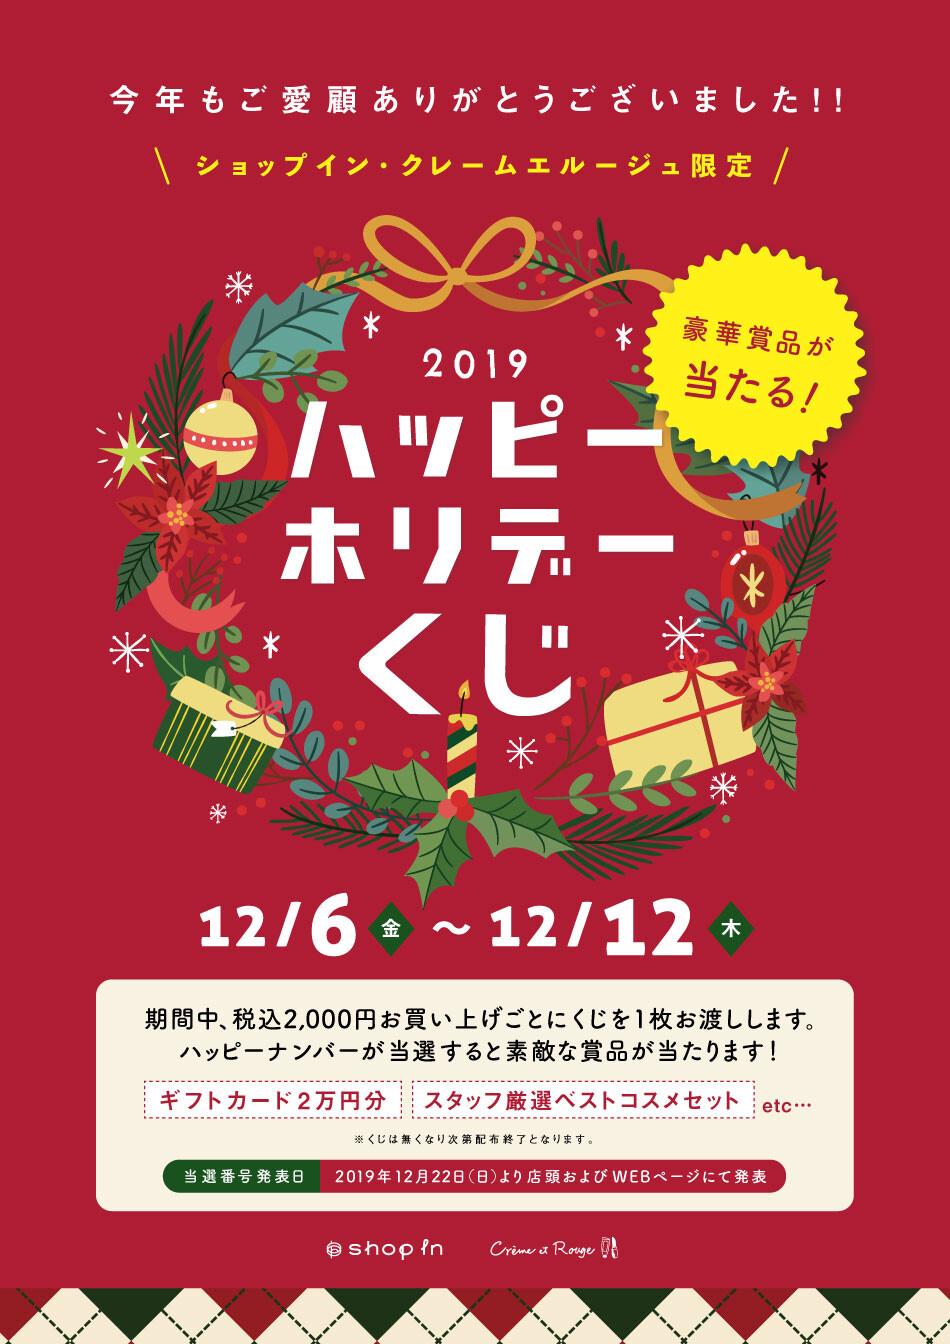 【告知】12月ポイントアップ・くじのお知らせ!!